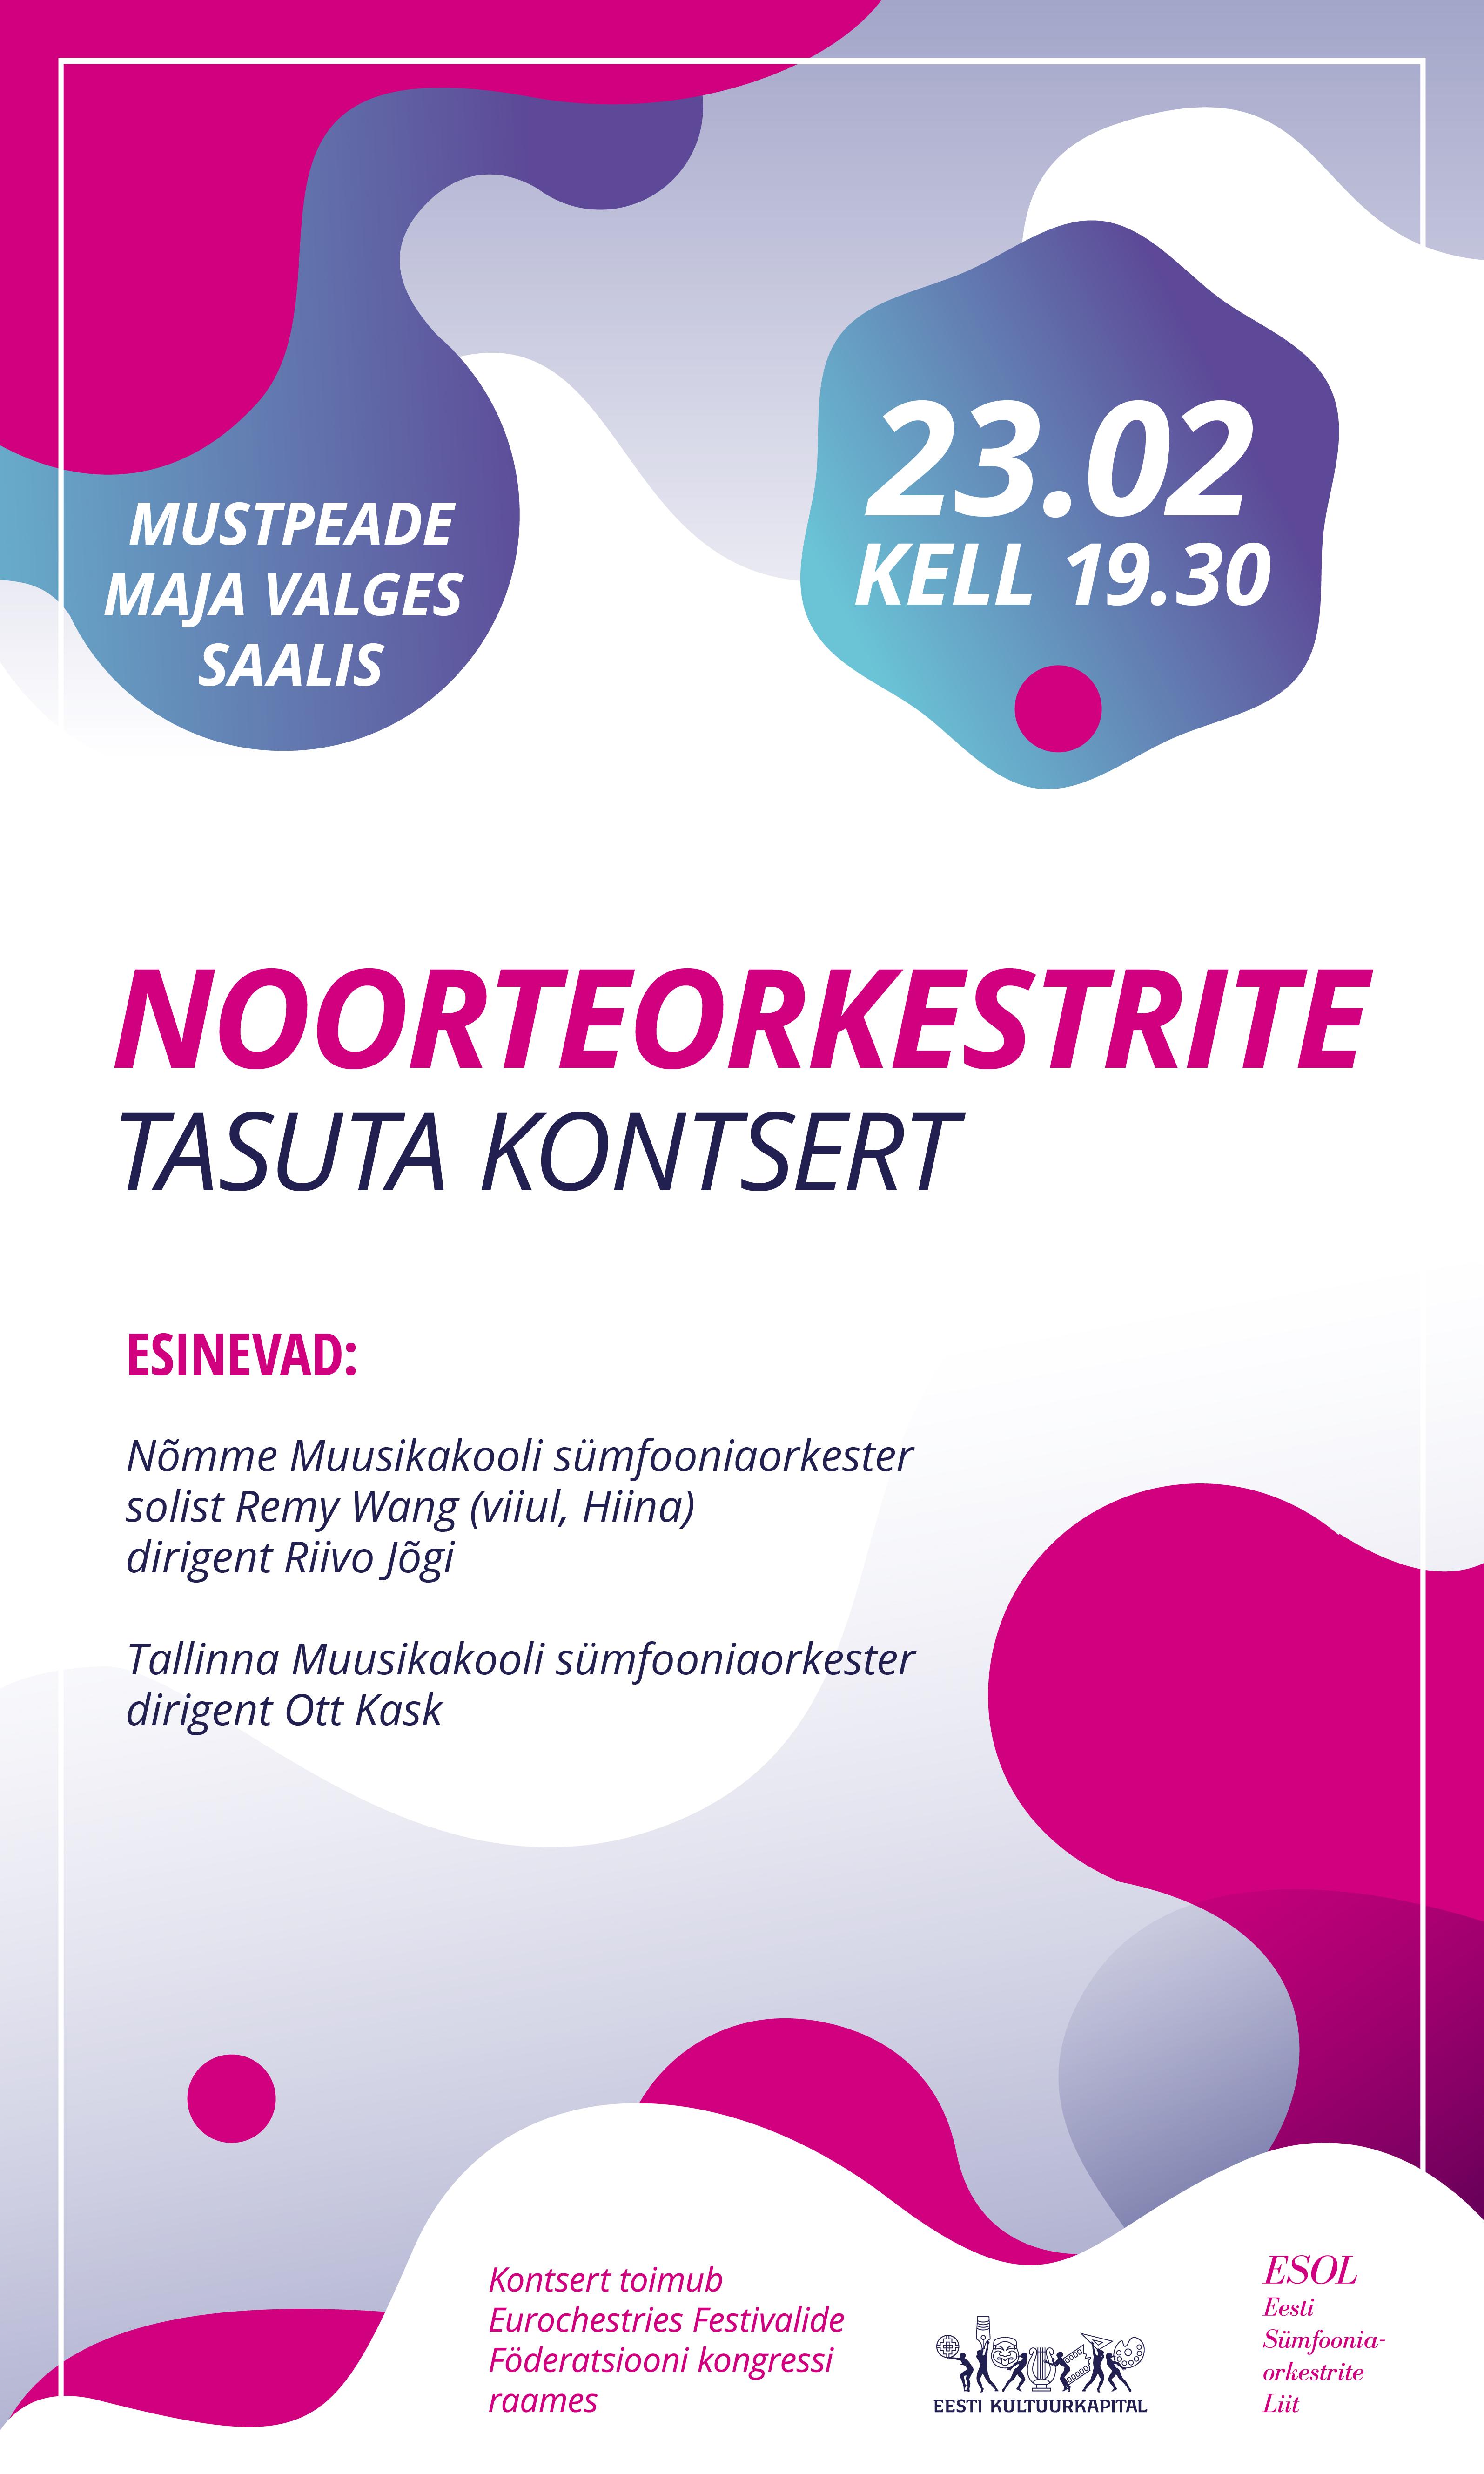 NOORTEORKESTRITE TASUTA KONTSERT